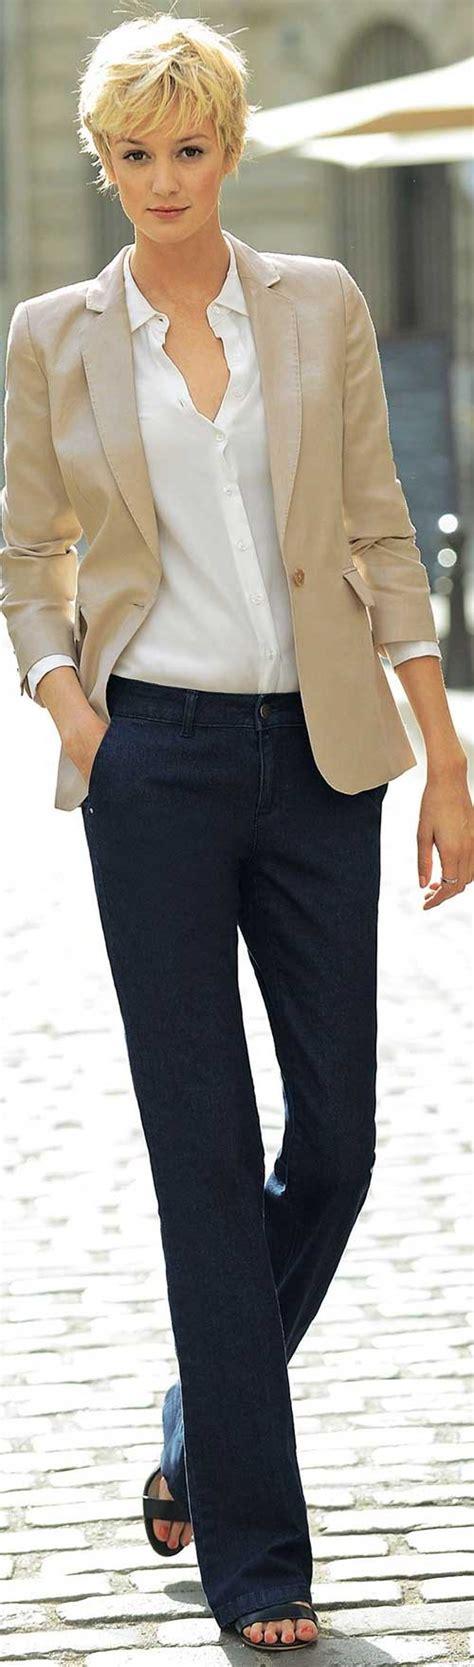 spring 2015 style for women over 55 2015 ilkbahar yaz modası kombinleri takı aksesuar